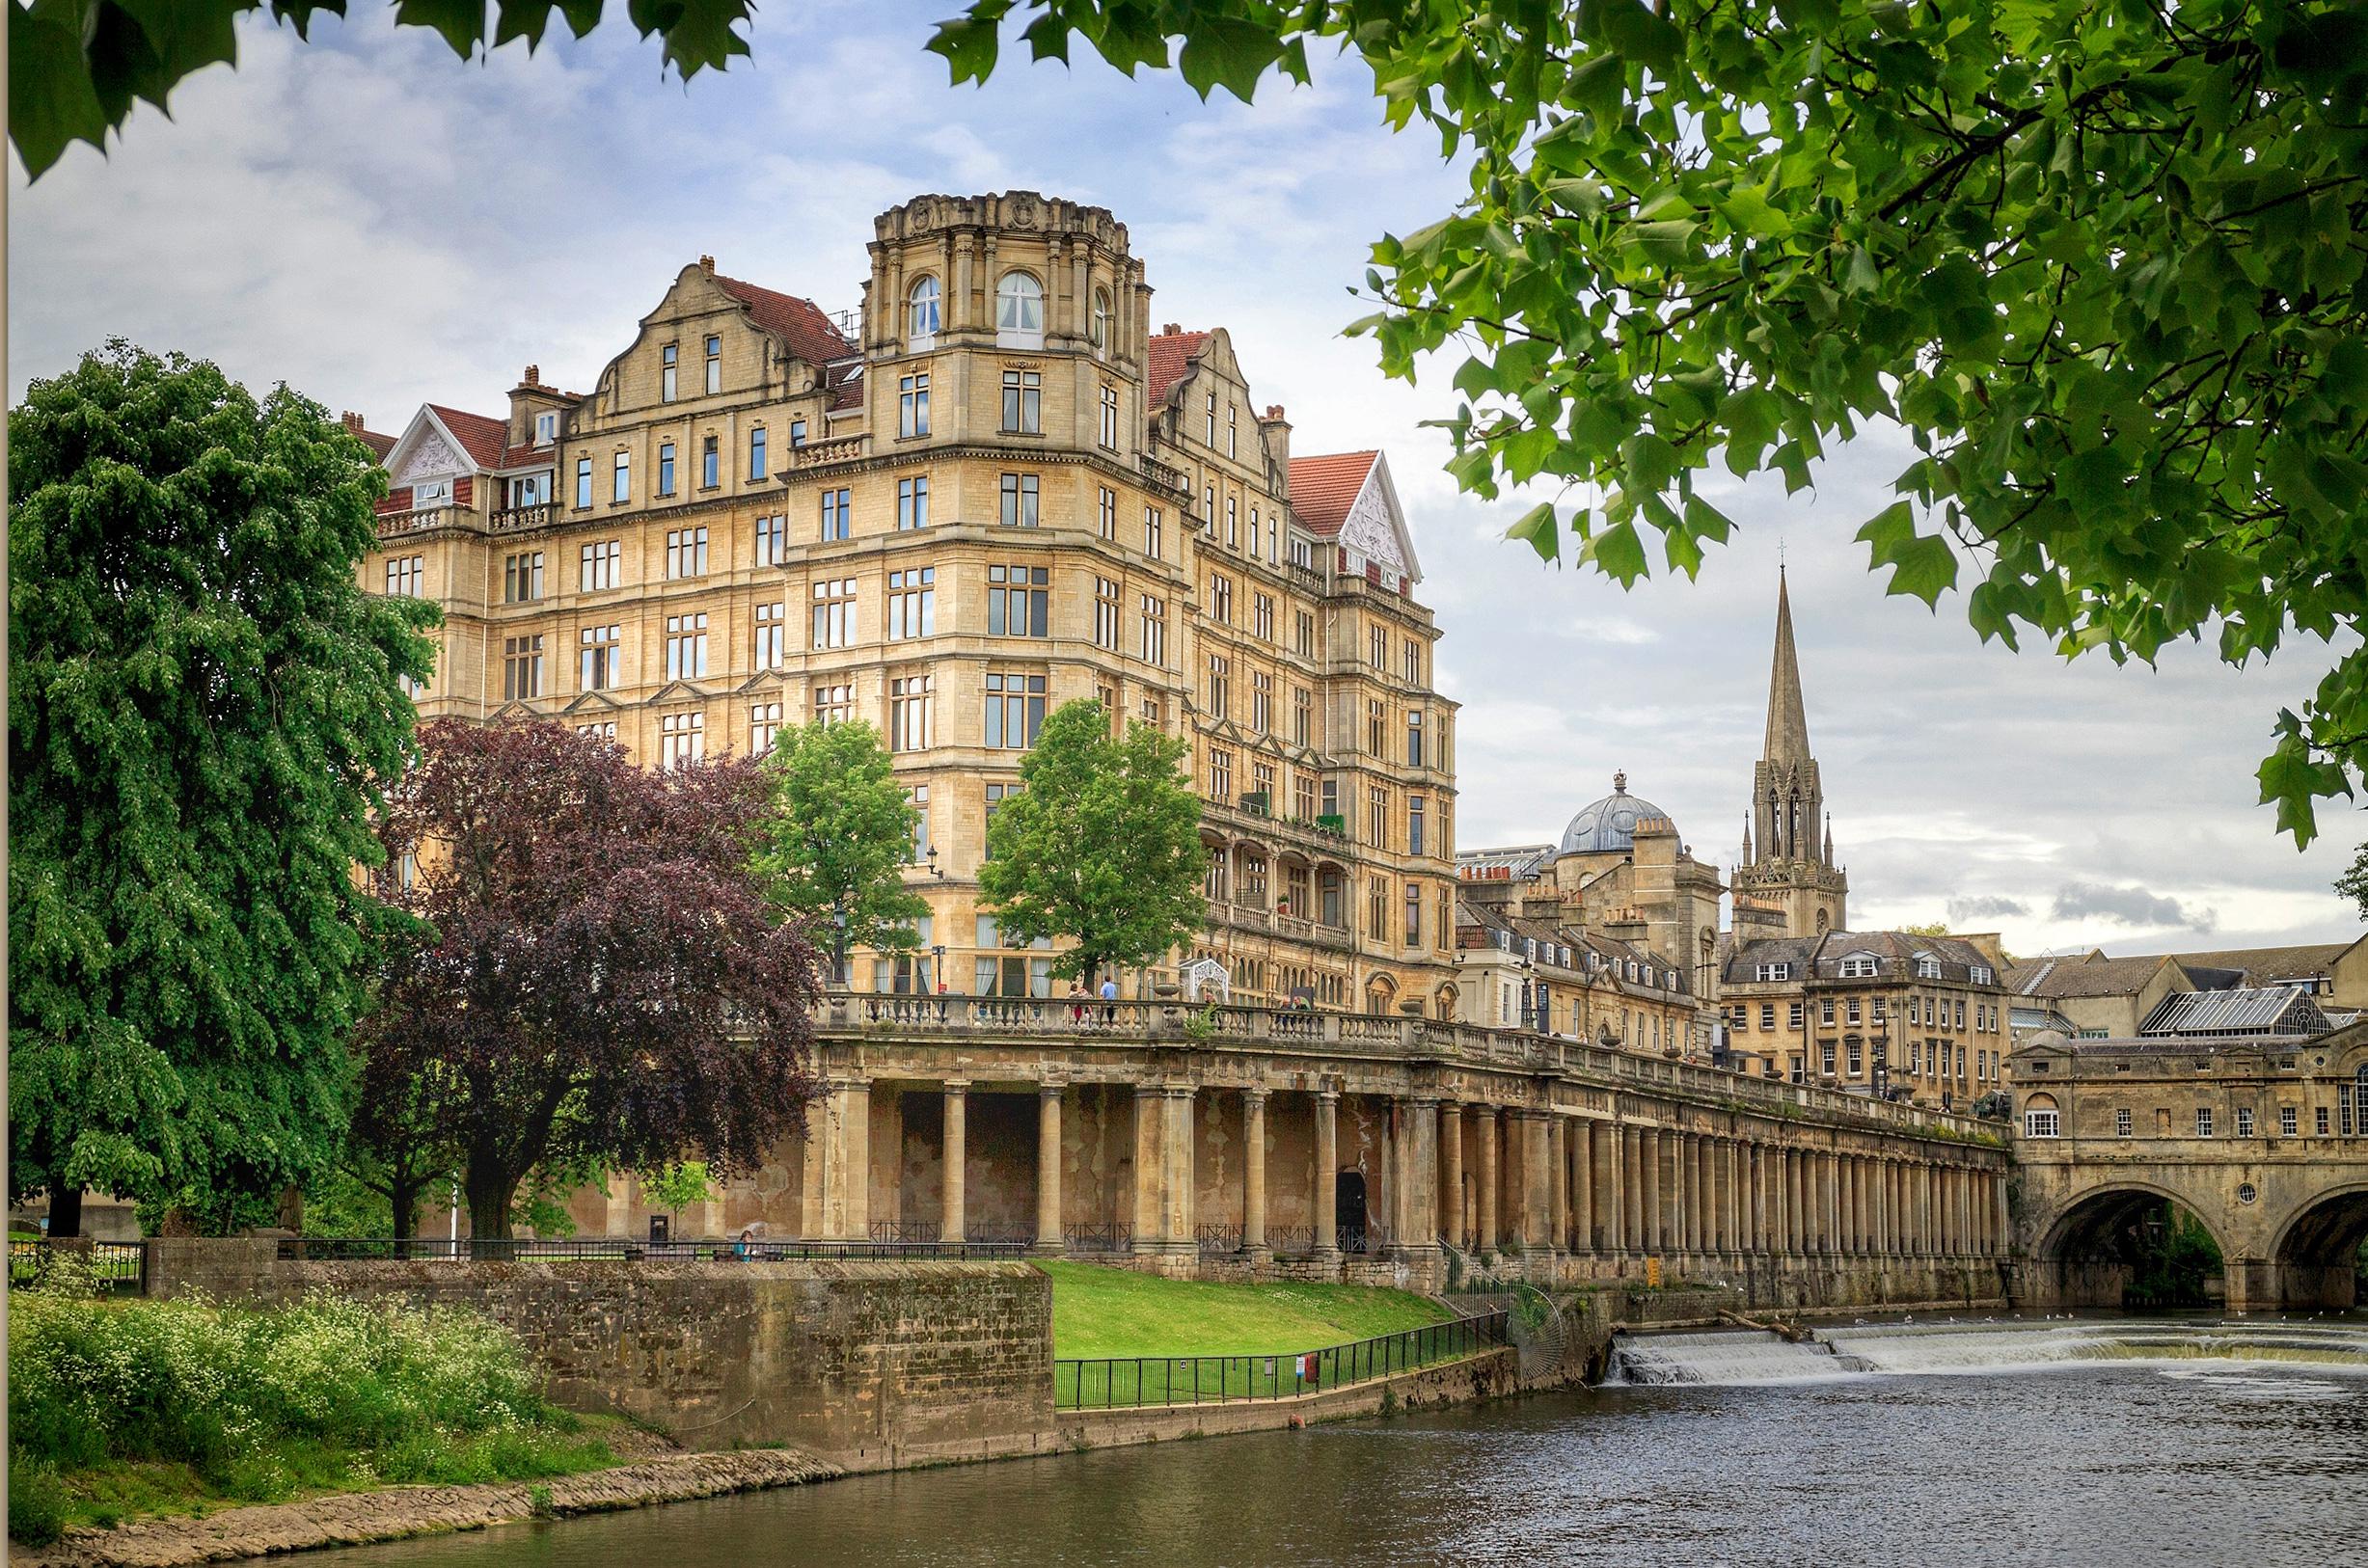 英国旅游著名景点一日游私人订制— 自由行著名景区选择参考 伦敦